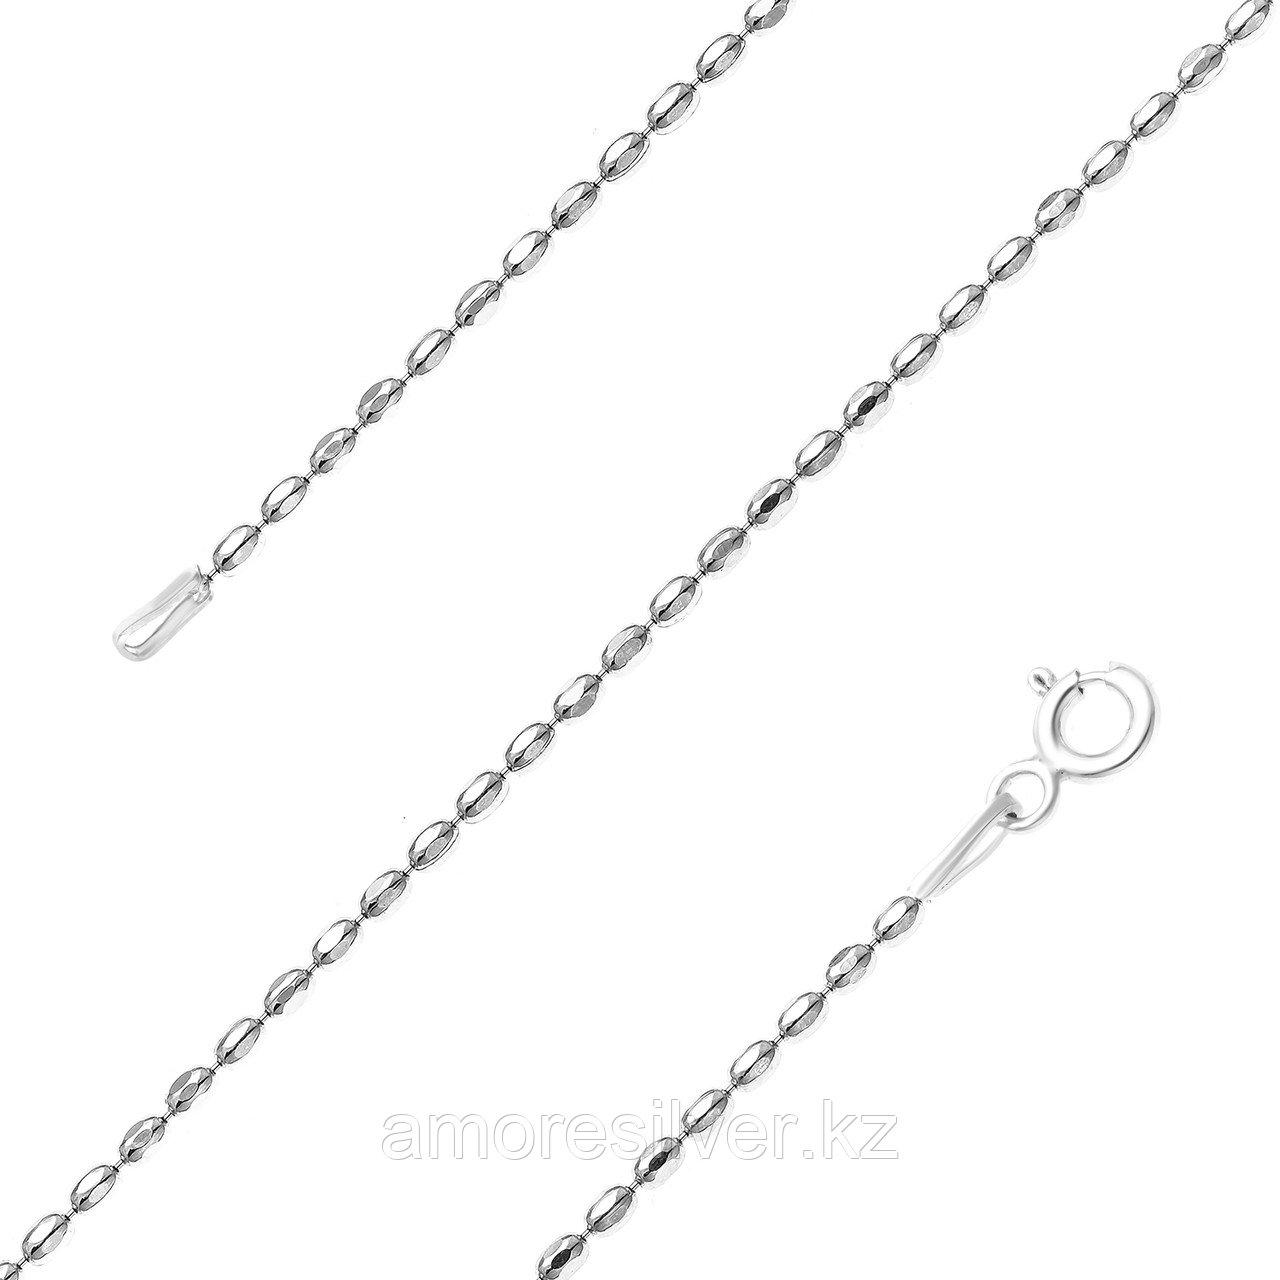 Браслет Teosa серебро с родием, без вставок, перлина PLOVD/C-150-18